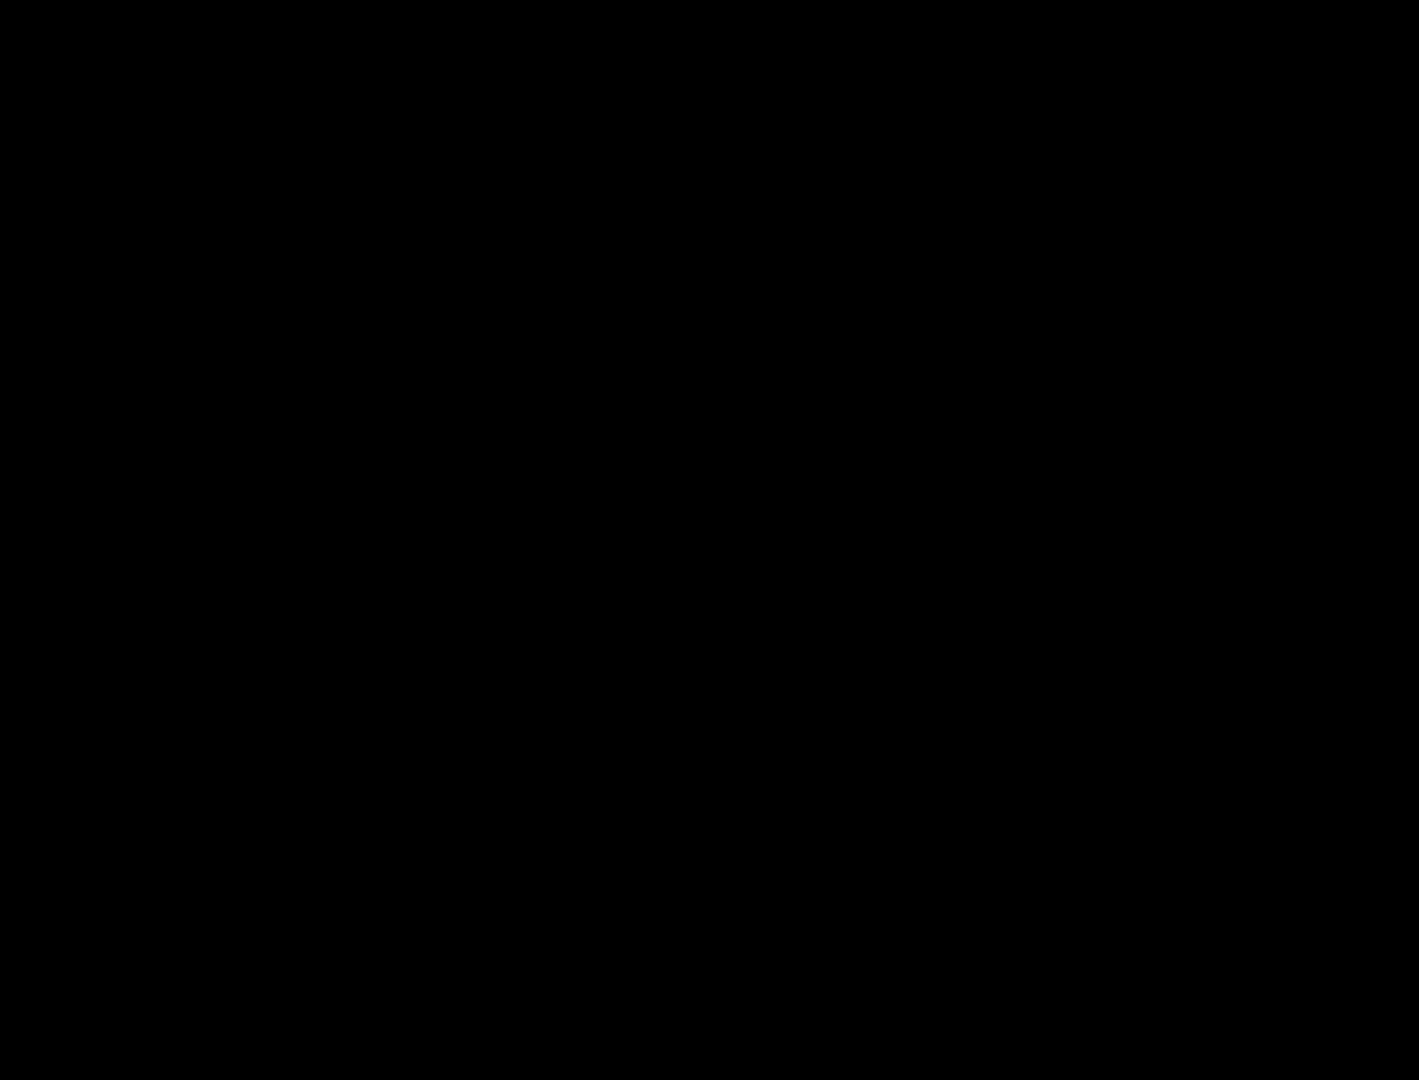 Original Aubusson aus der Zeit von 1850